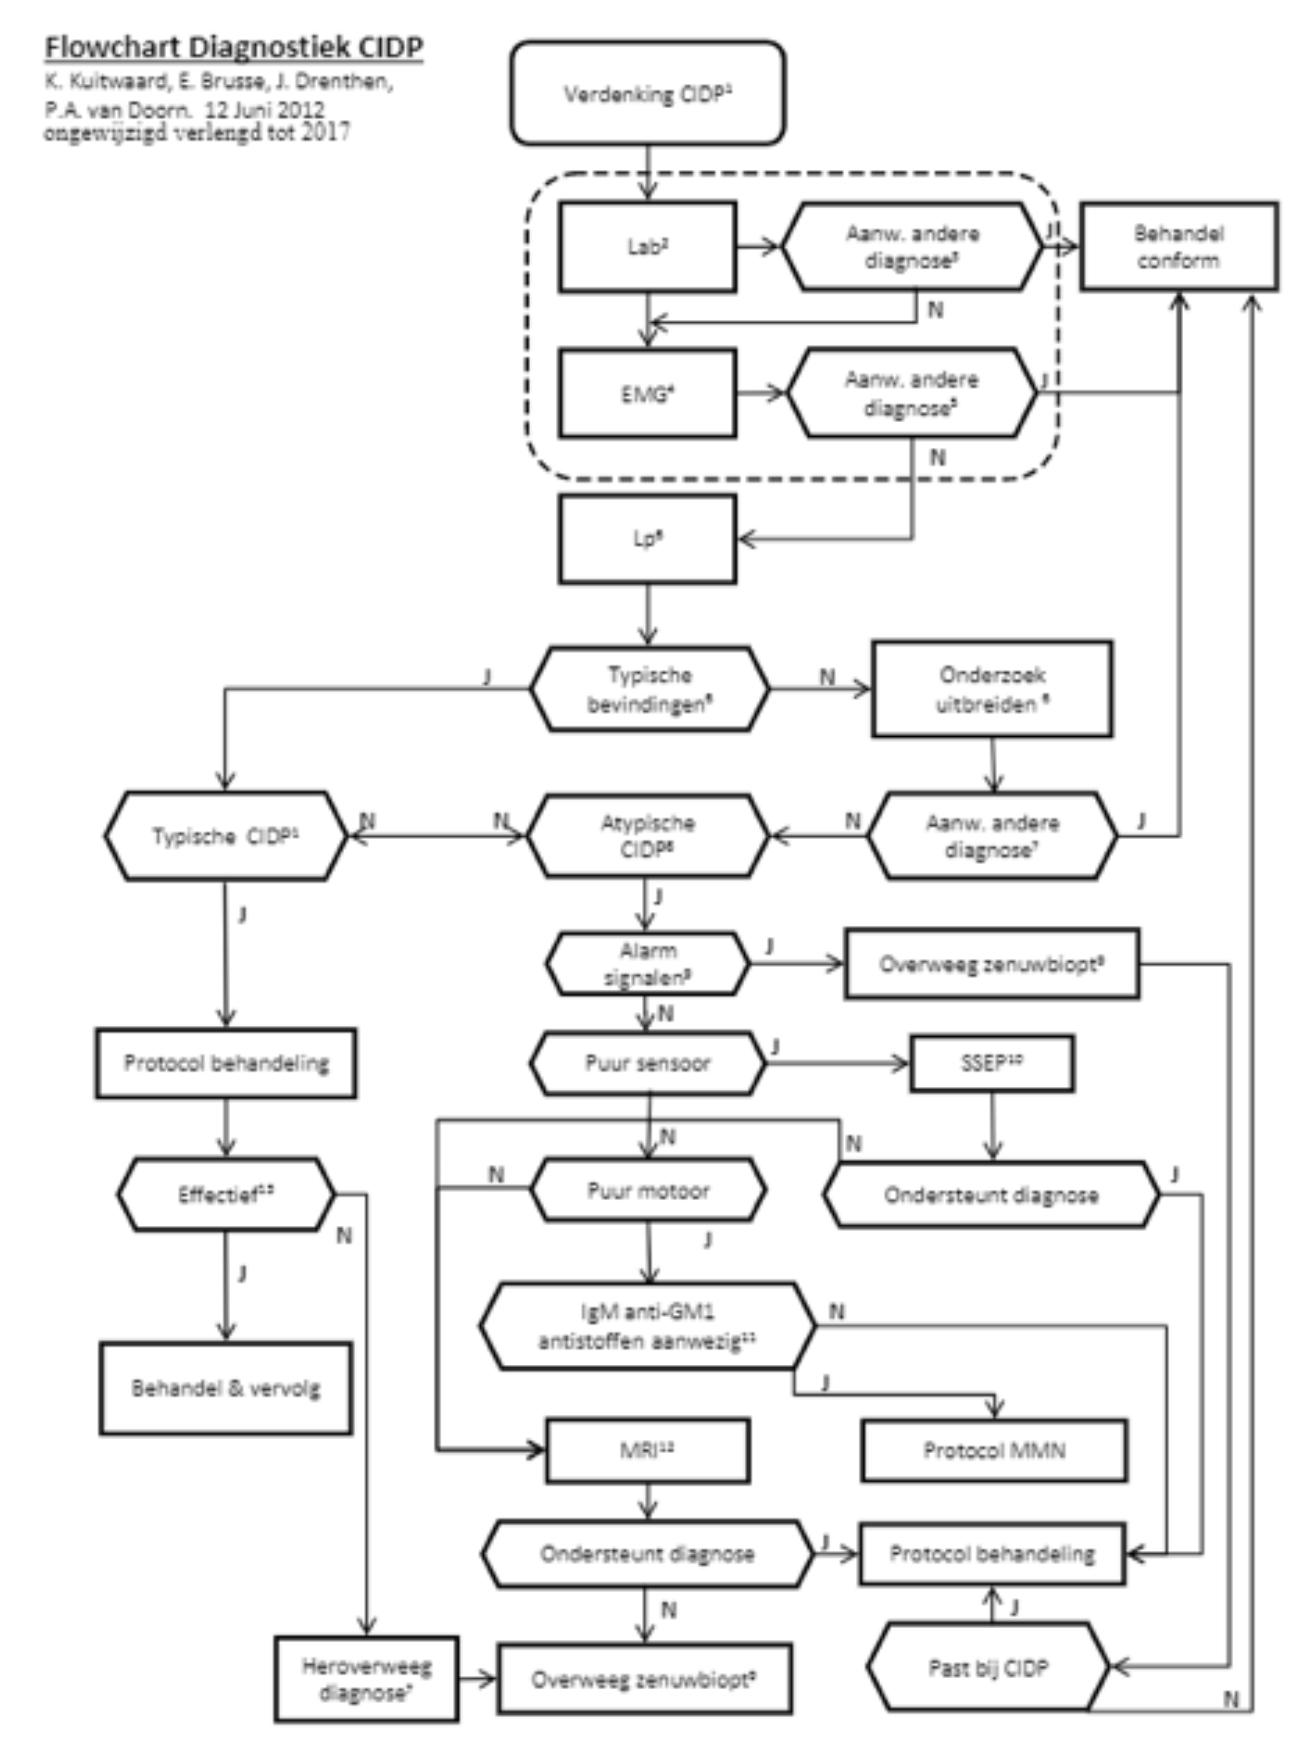 KlinischOnderzoek_SpierziektenVl Nieuwe mogelijkheden in het stellen van de diagnose CIDP